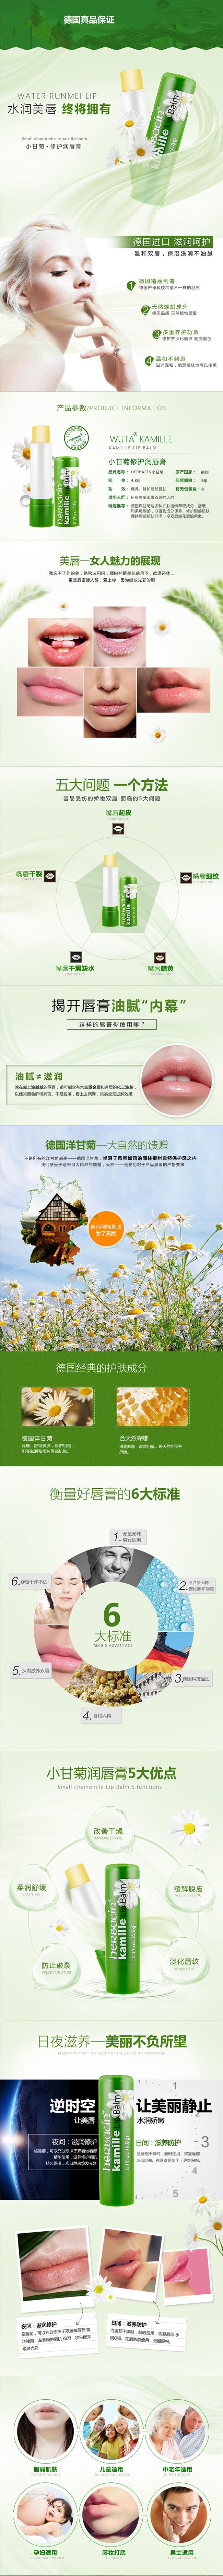 德国herbacin贺本清小甘菊唇膏-1.jpg